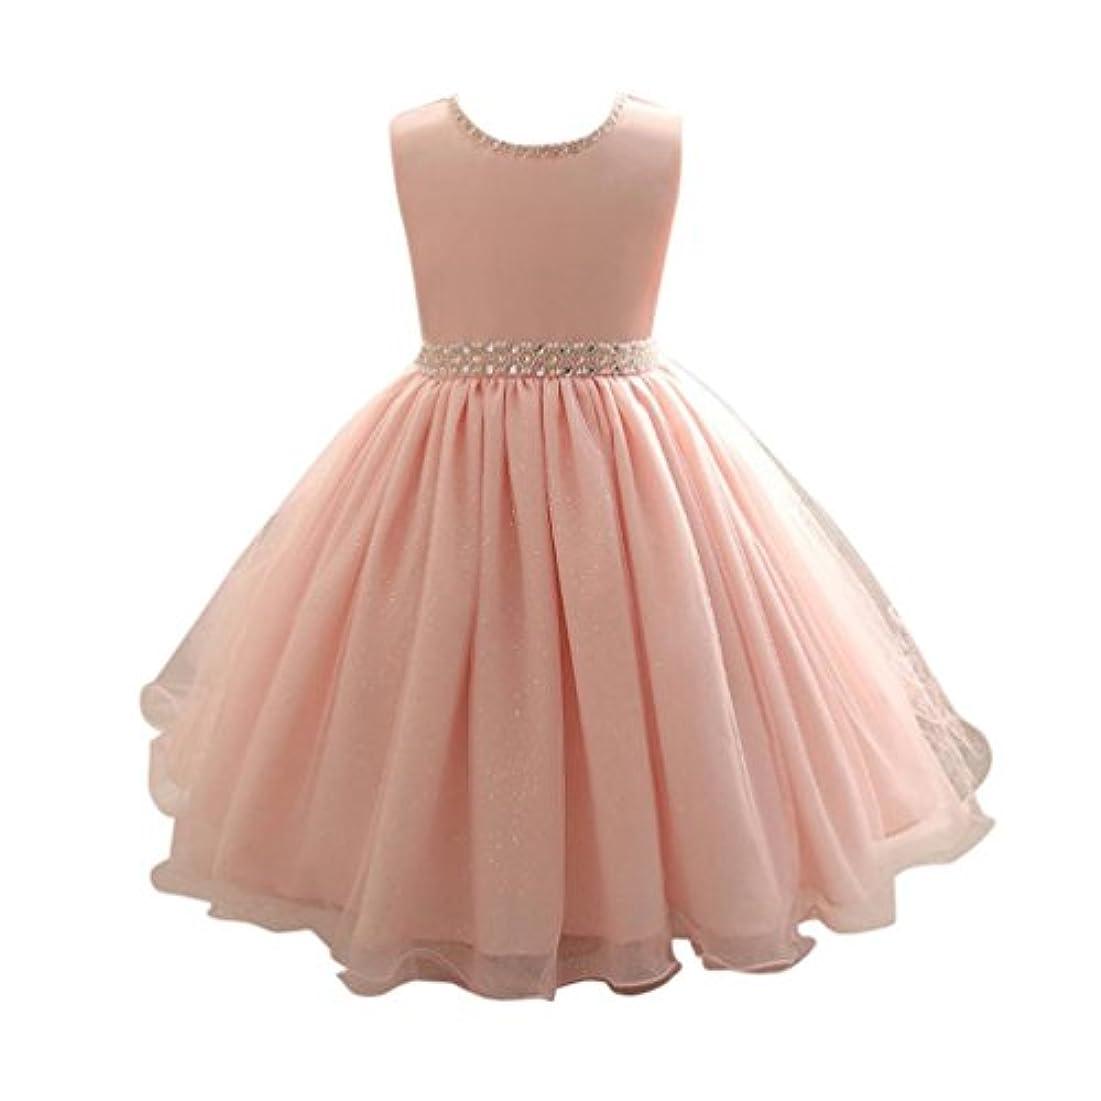 明らかにする葡萄探検Mhomzawa 子供ドレス 女の子 発表会 子どもドレス 結婚式 お呼ばれ キッズ プリンセス こどもフラワーガール 花柄 子ども服